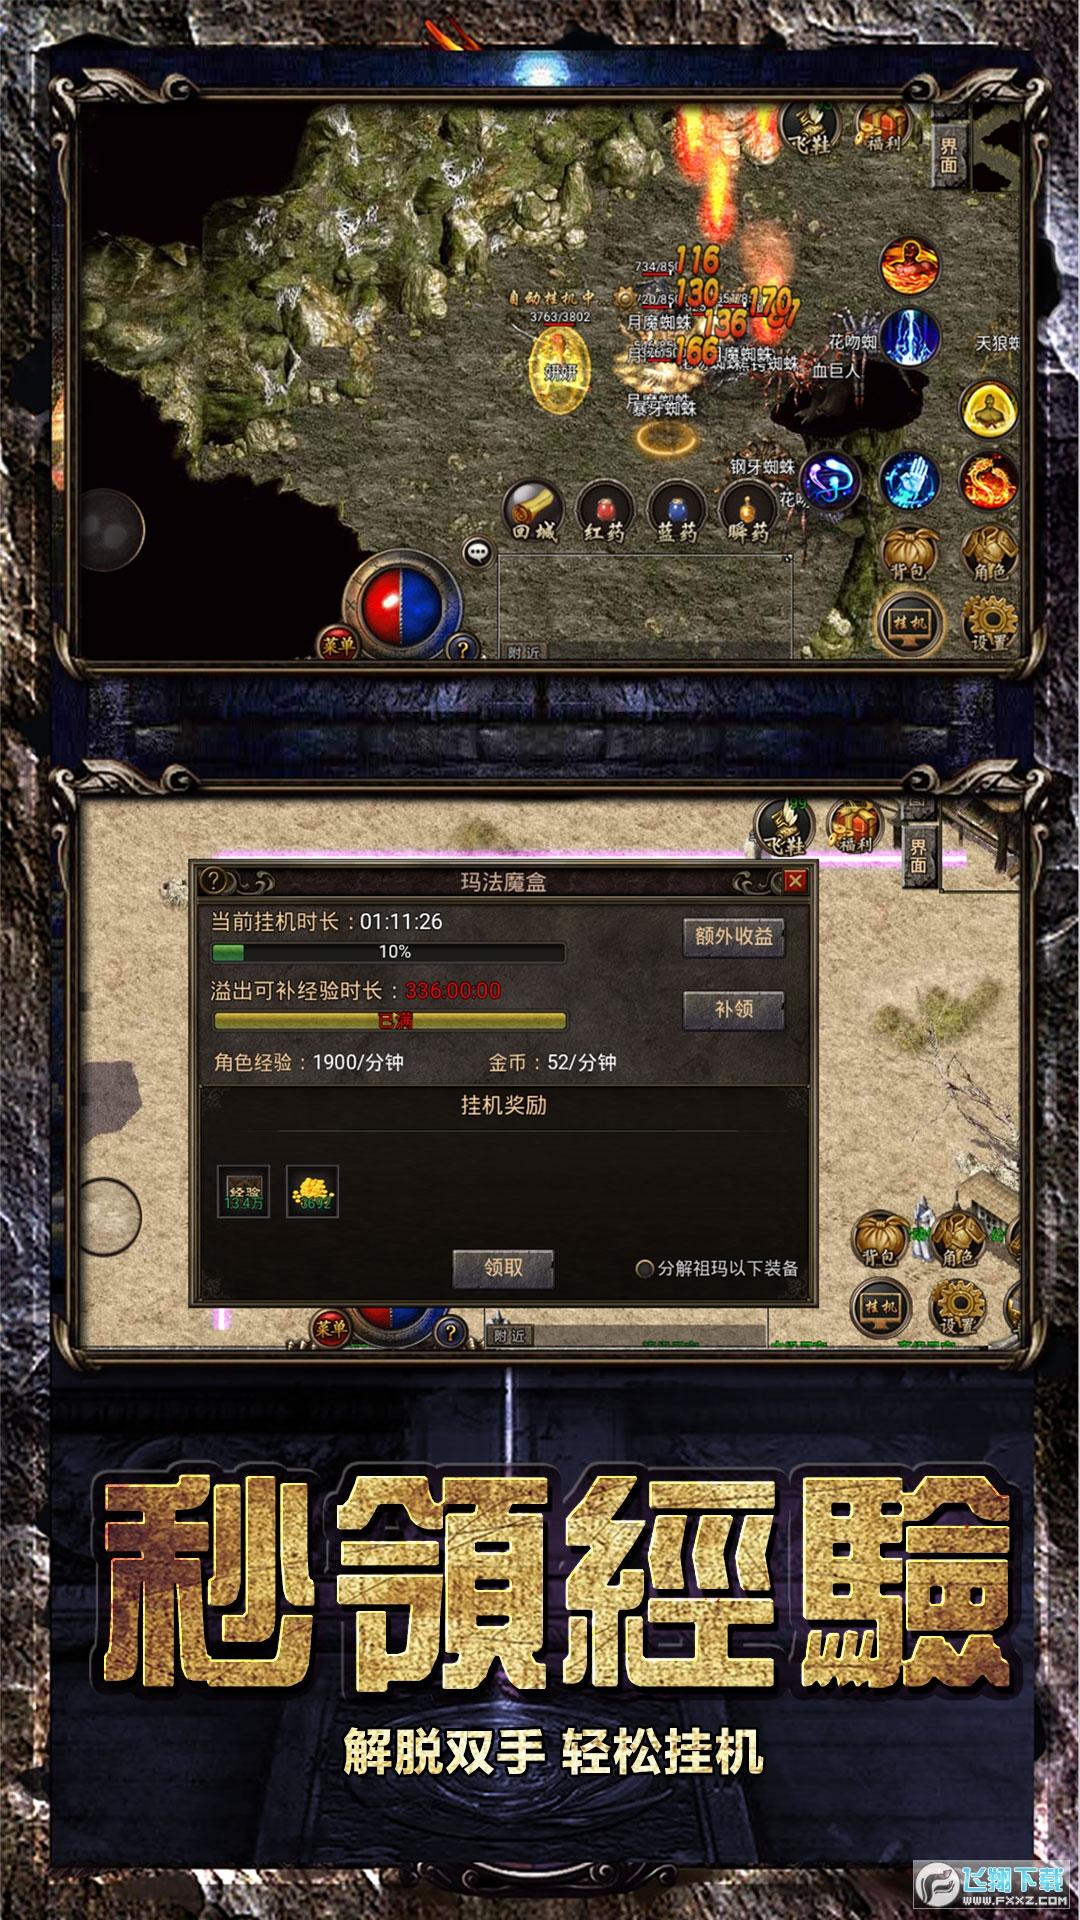 屠龙决战沙城移动版手游1.0.0安卓版截图1